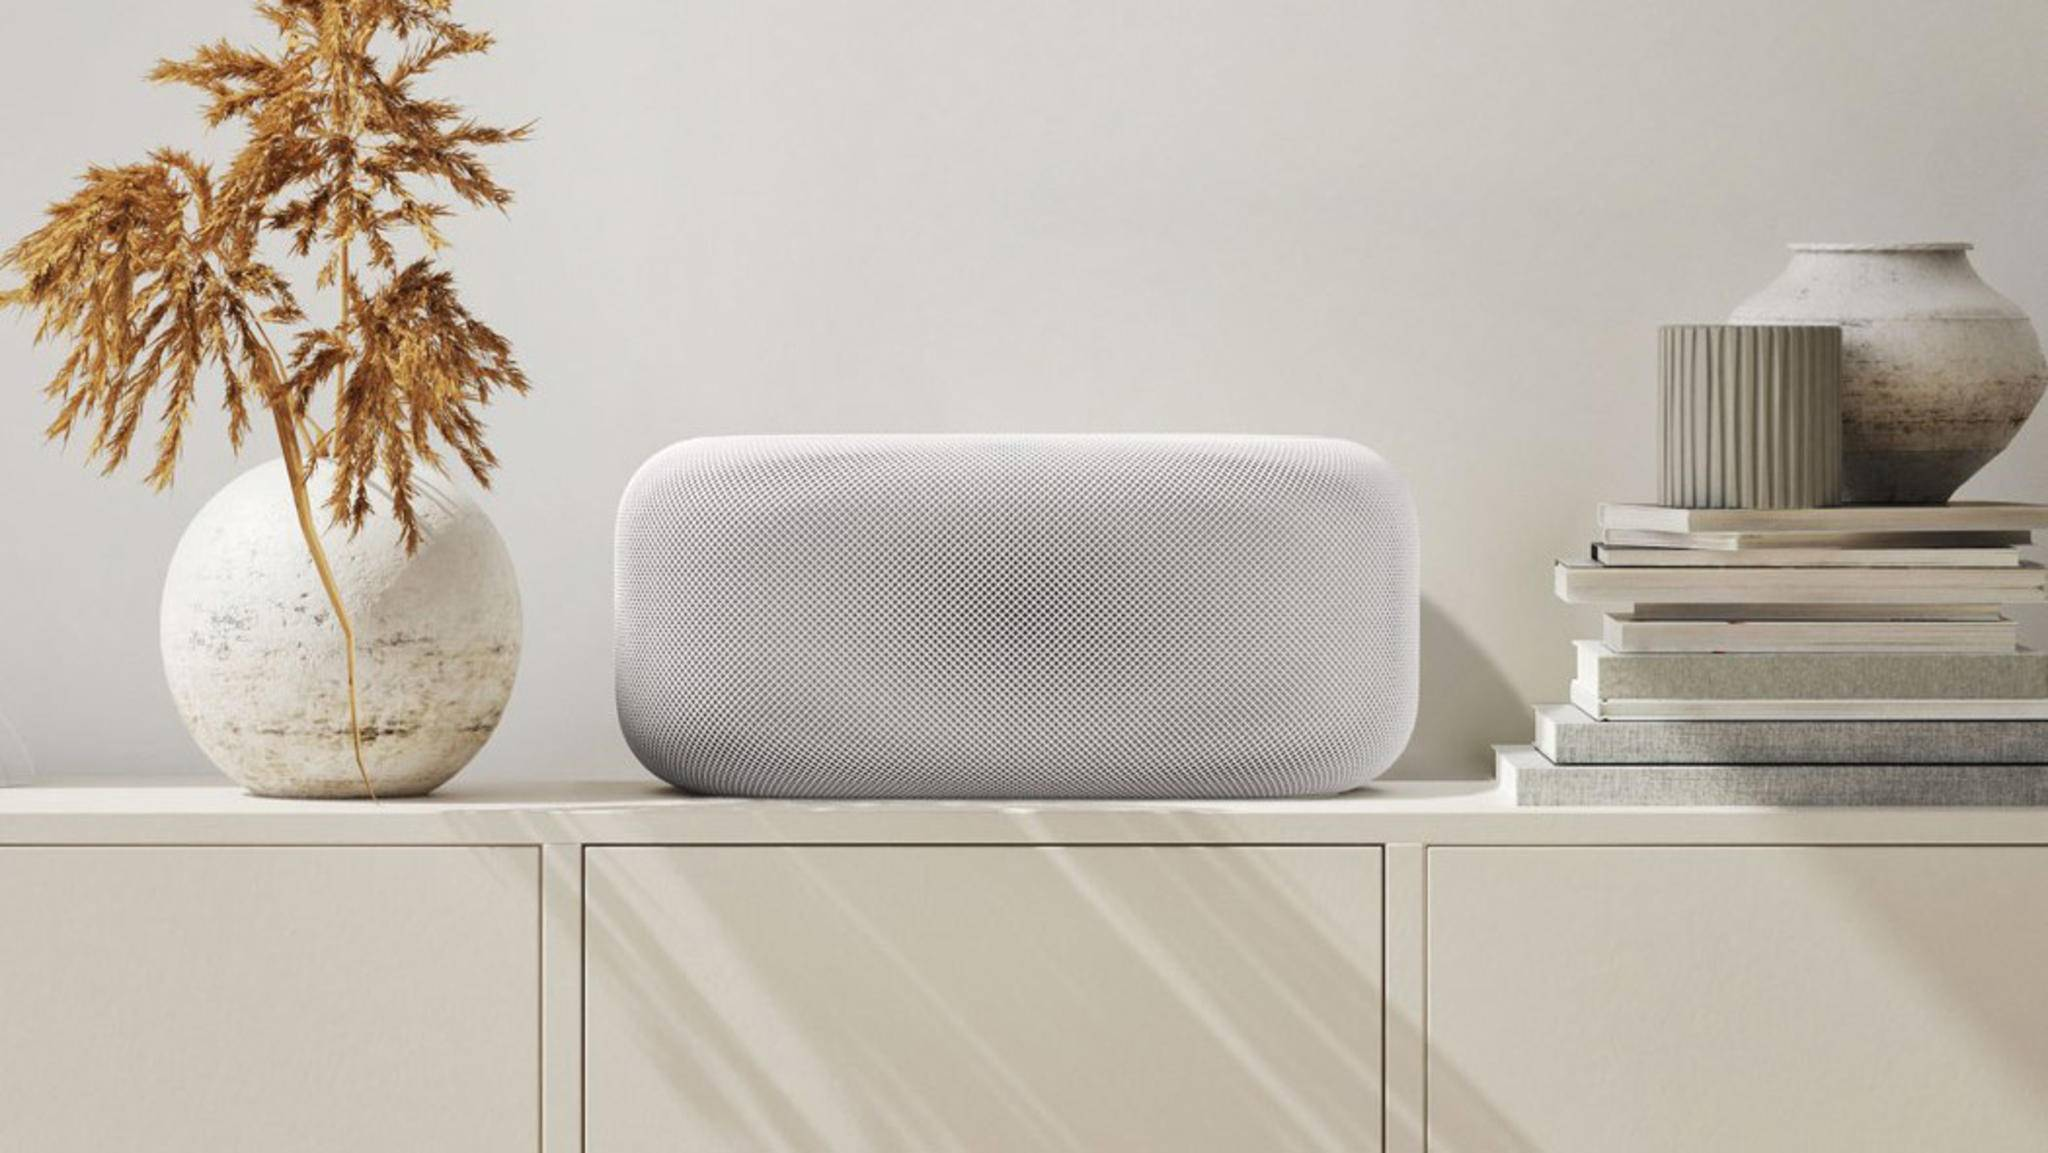 Designer Philip Goolkasian hat sich überlegt wie ein HomePod Pro von Apple aussehen könnte.